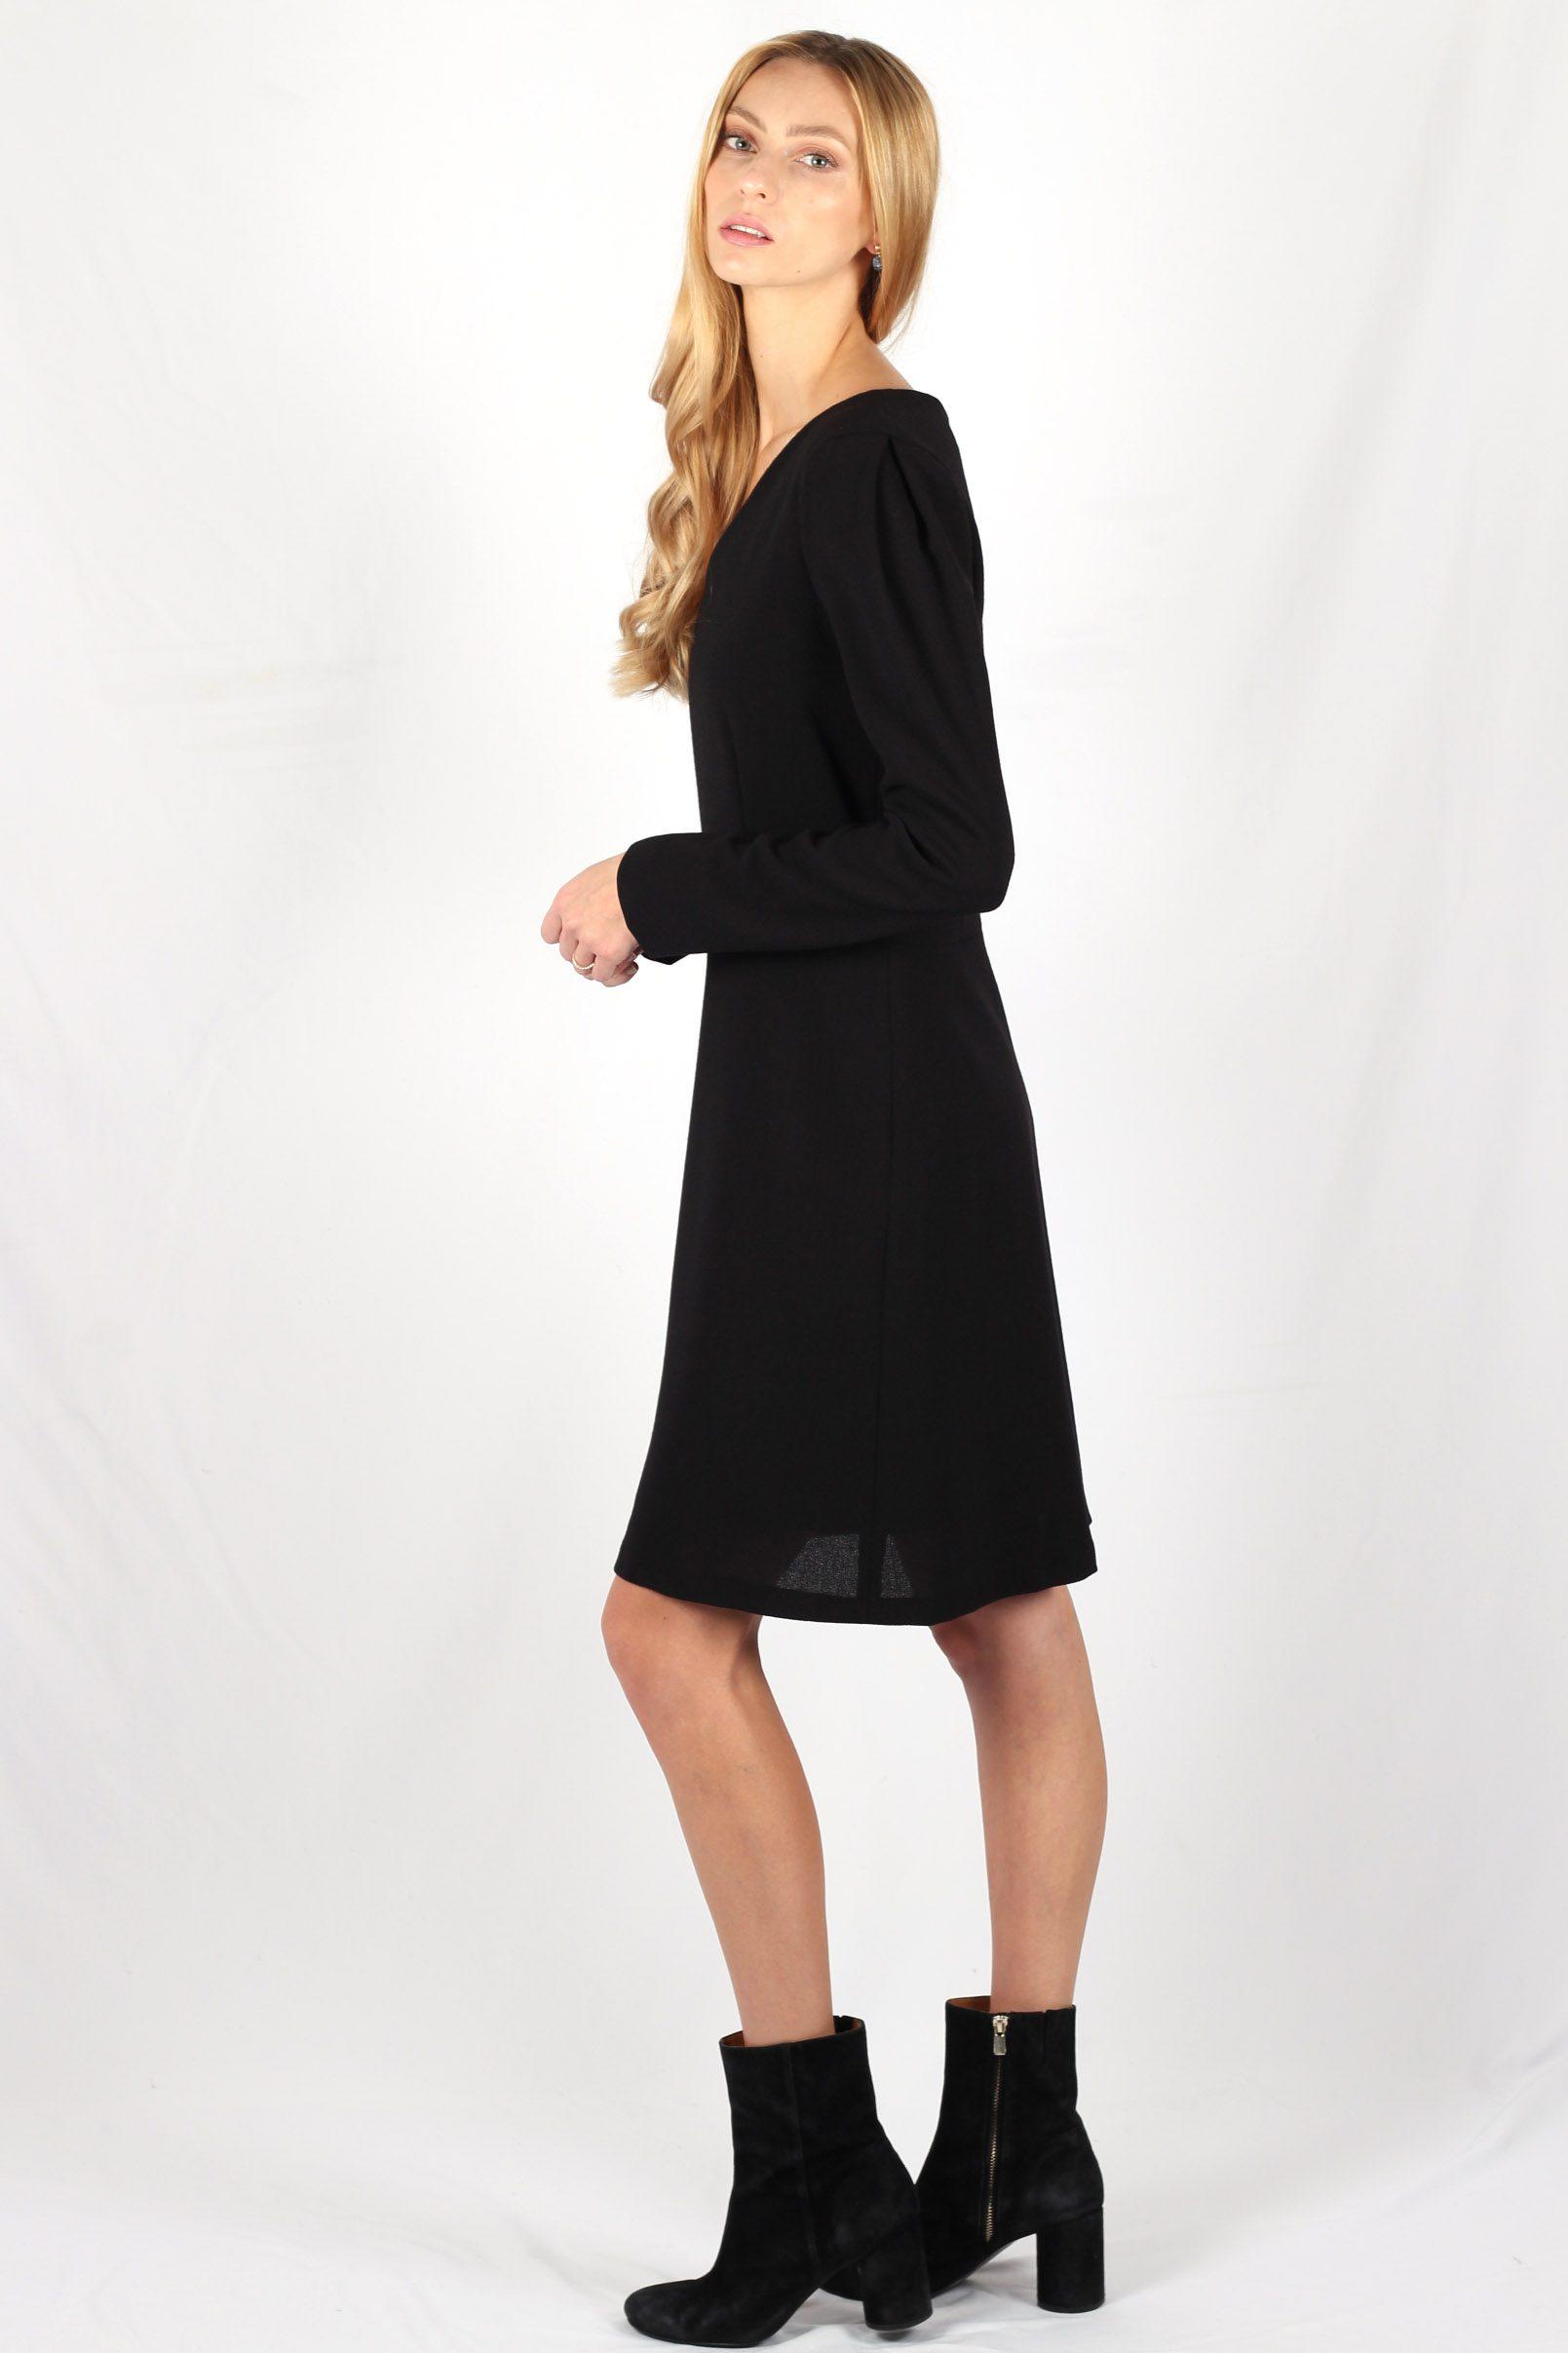 Robe noire cintrée en crêpe de laine7